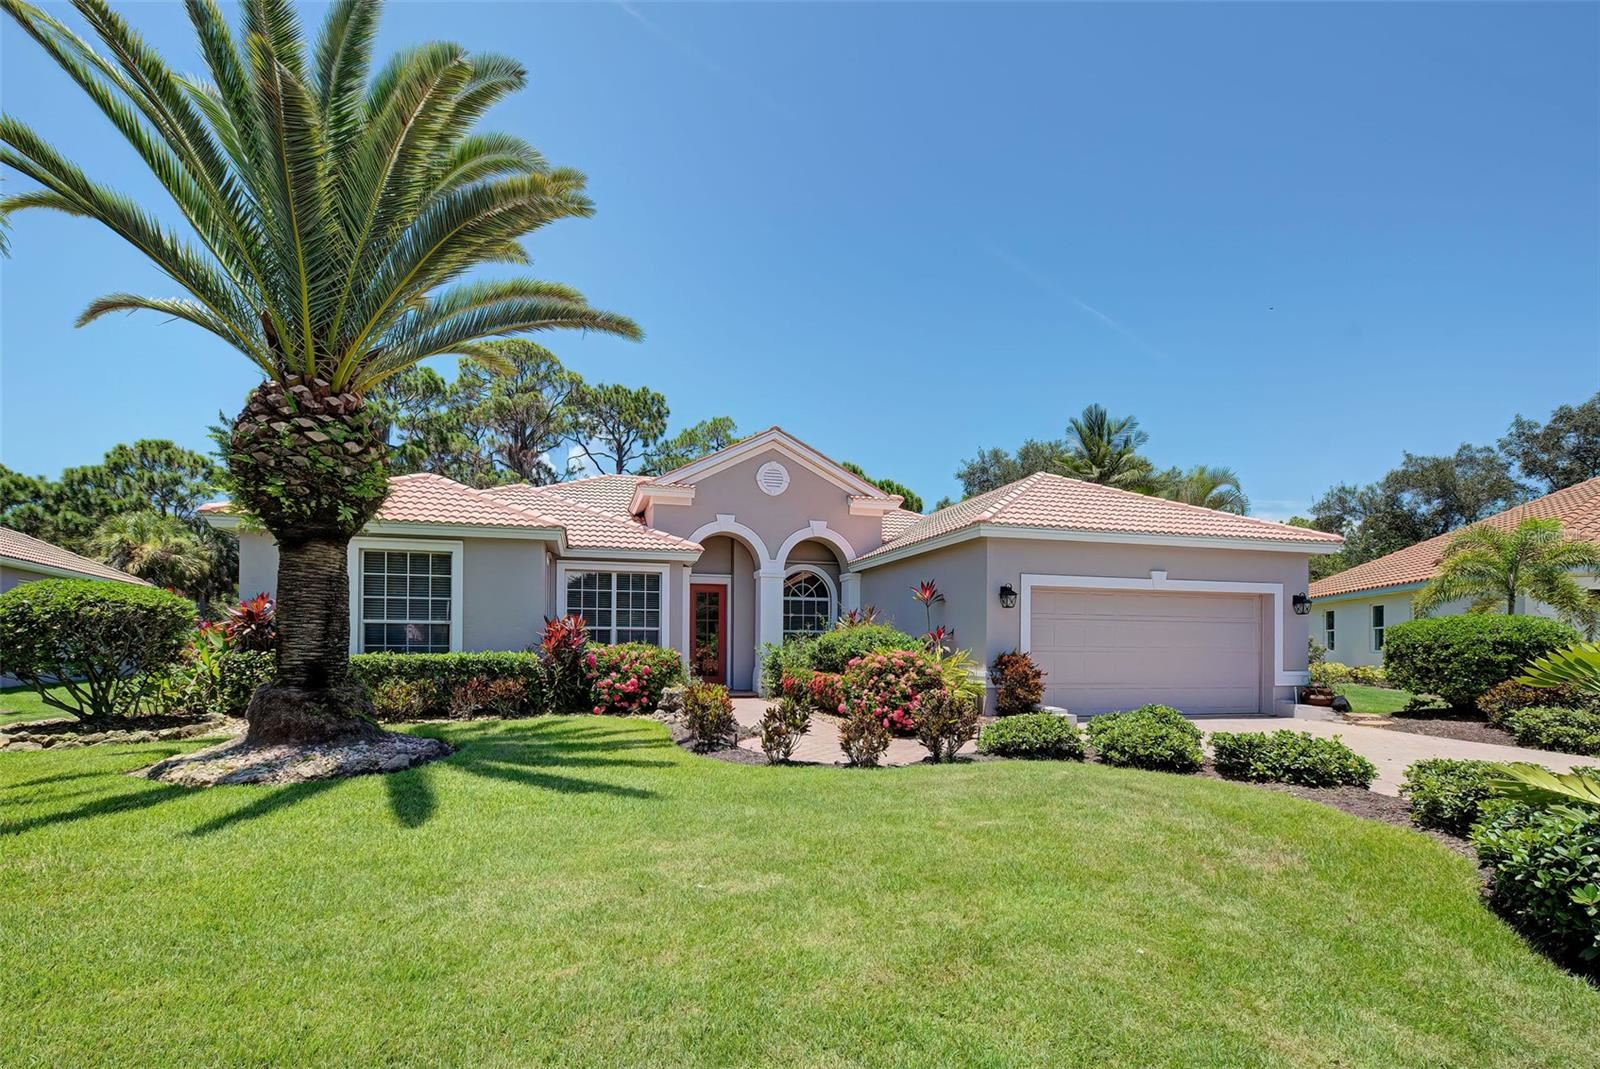 4932 SABAL LAKE CIRCLE, Sarasota, FL 34238 - #: N6116663